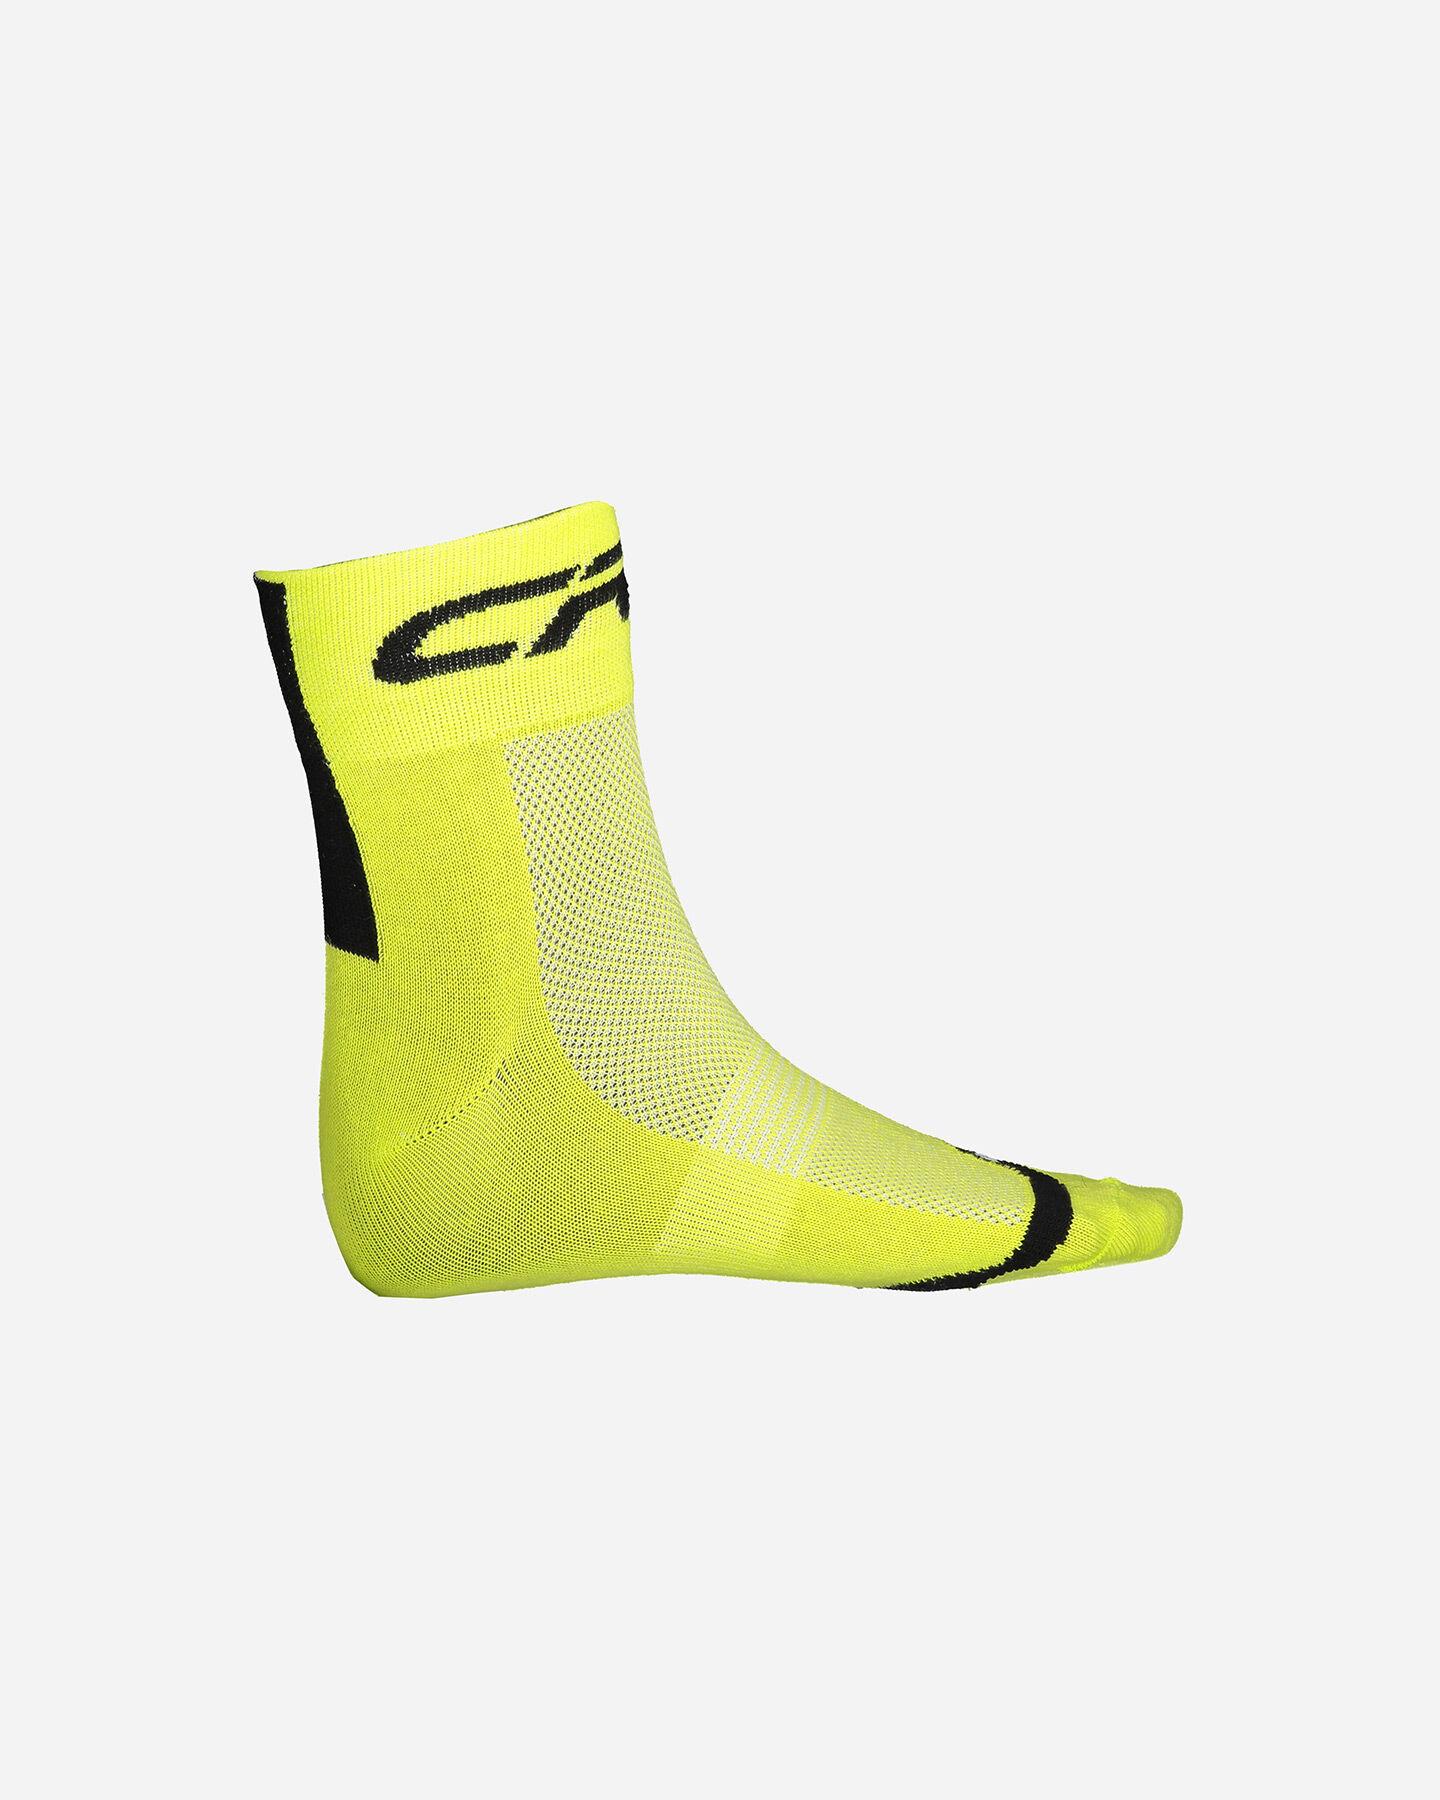 Calze ciclismo CARNIELLI CLASSIC S4074855 1000/050 39-42 scatto 0